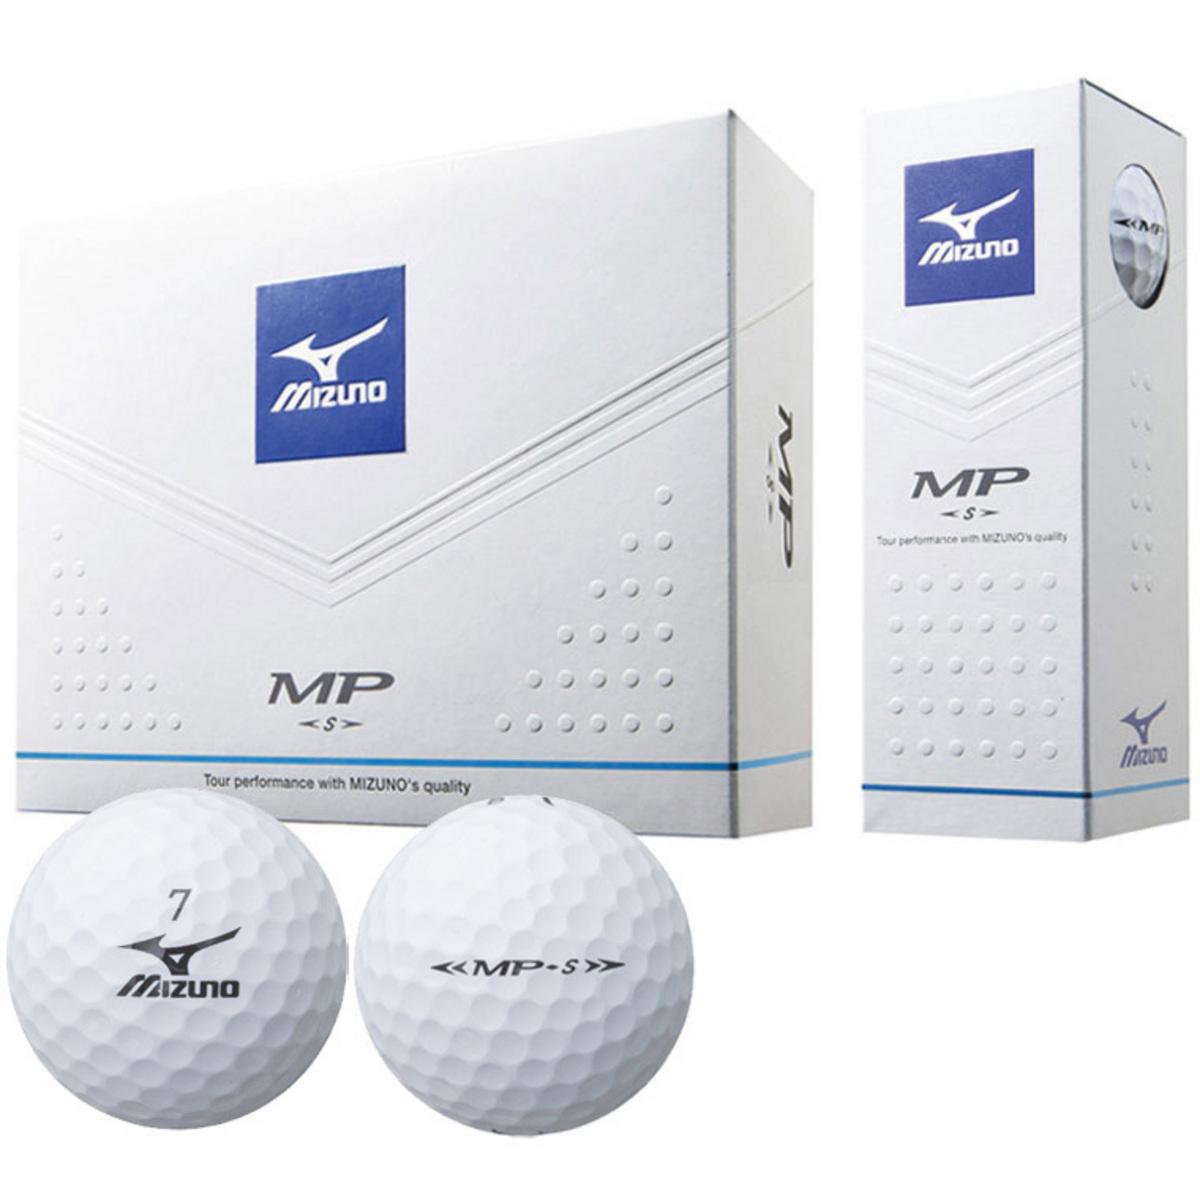 MP-S ボール 2015年モデル